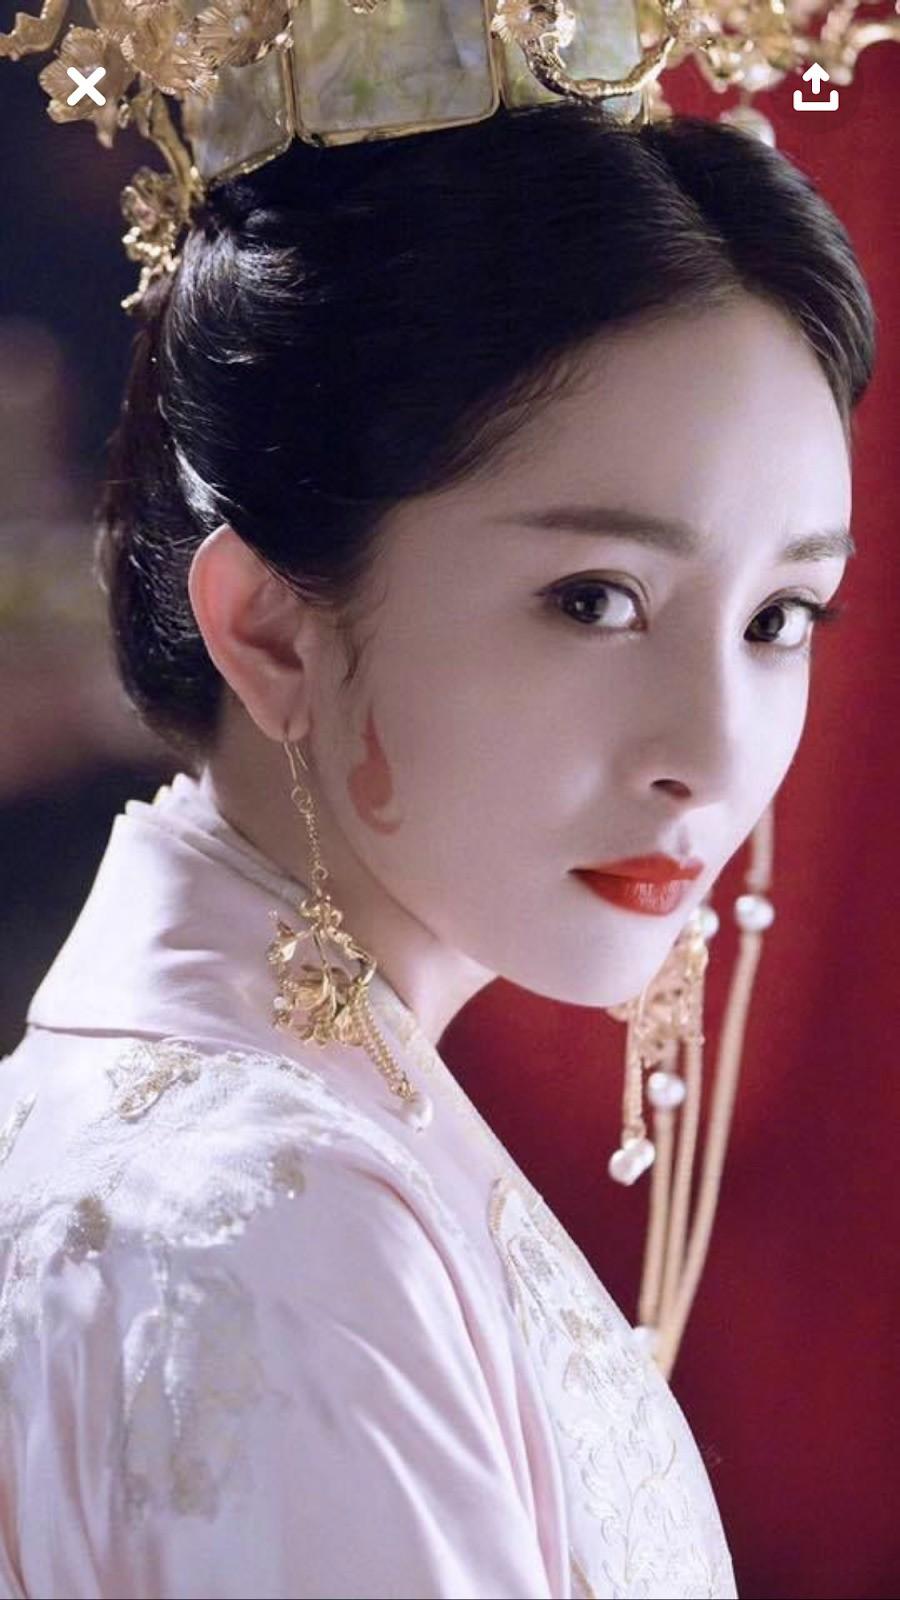 Trưởng Tôn hoàng hậu đã tề gia như thế nào để Đường Thái Tông Lý Thế Dân có thể an tâm trị quốc? - Ảnh 3.